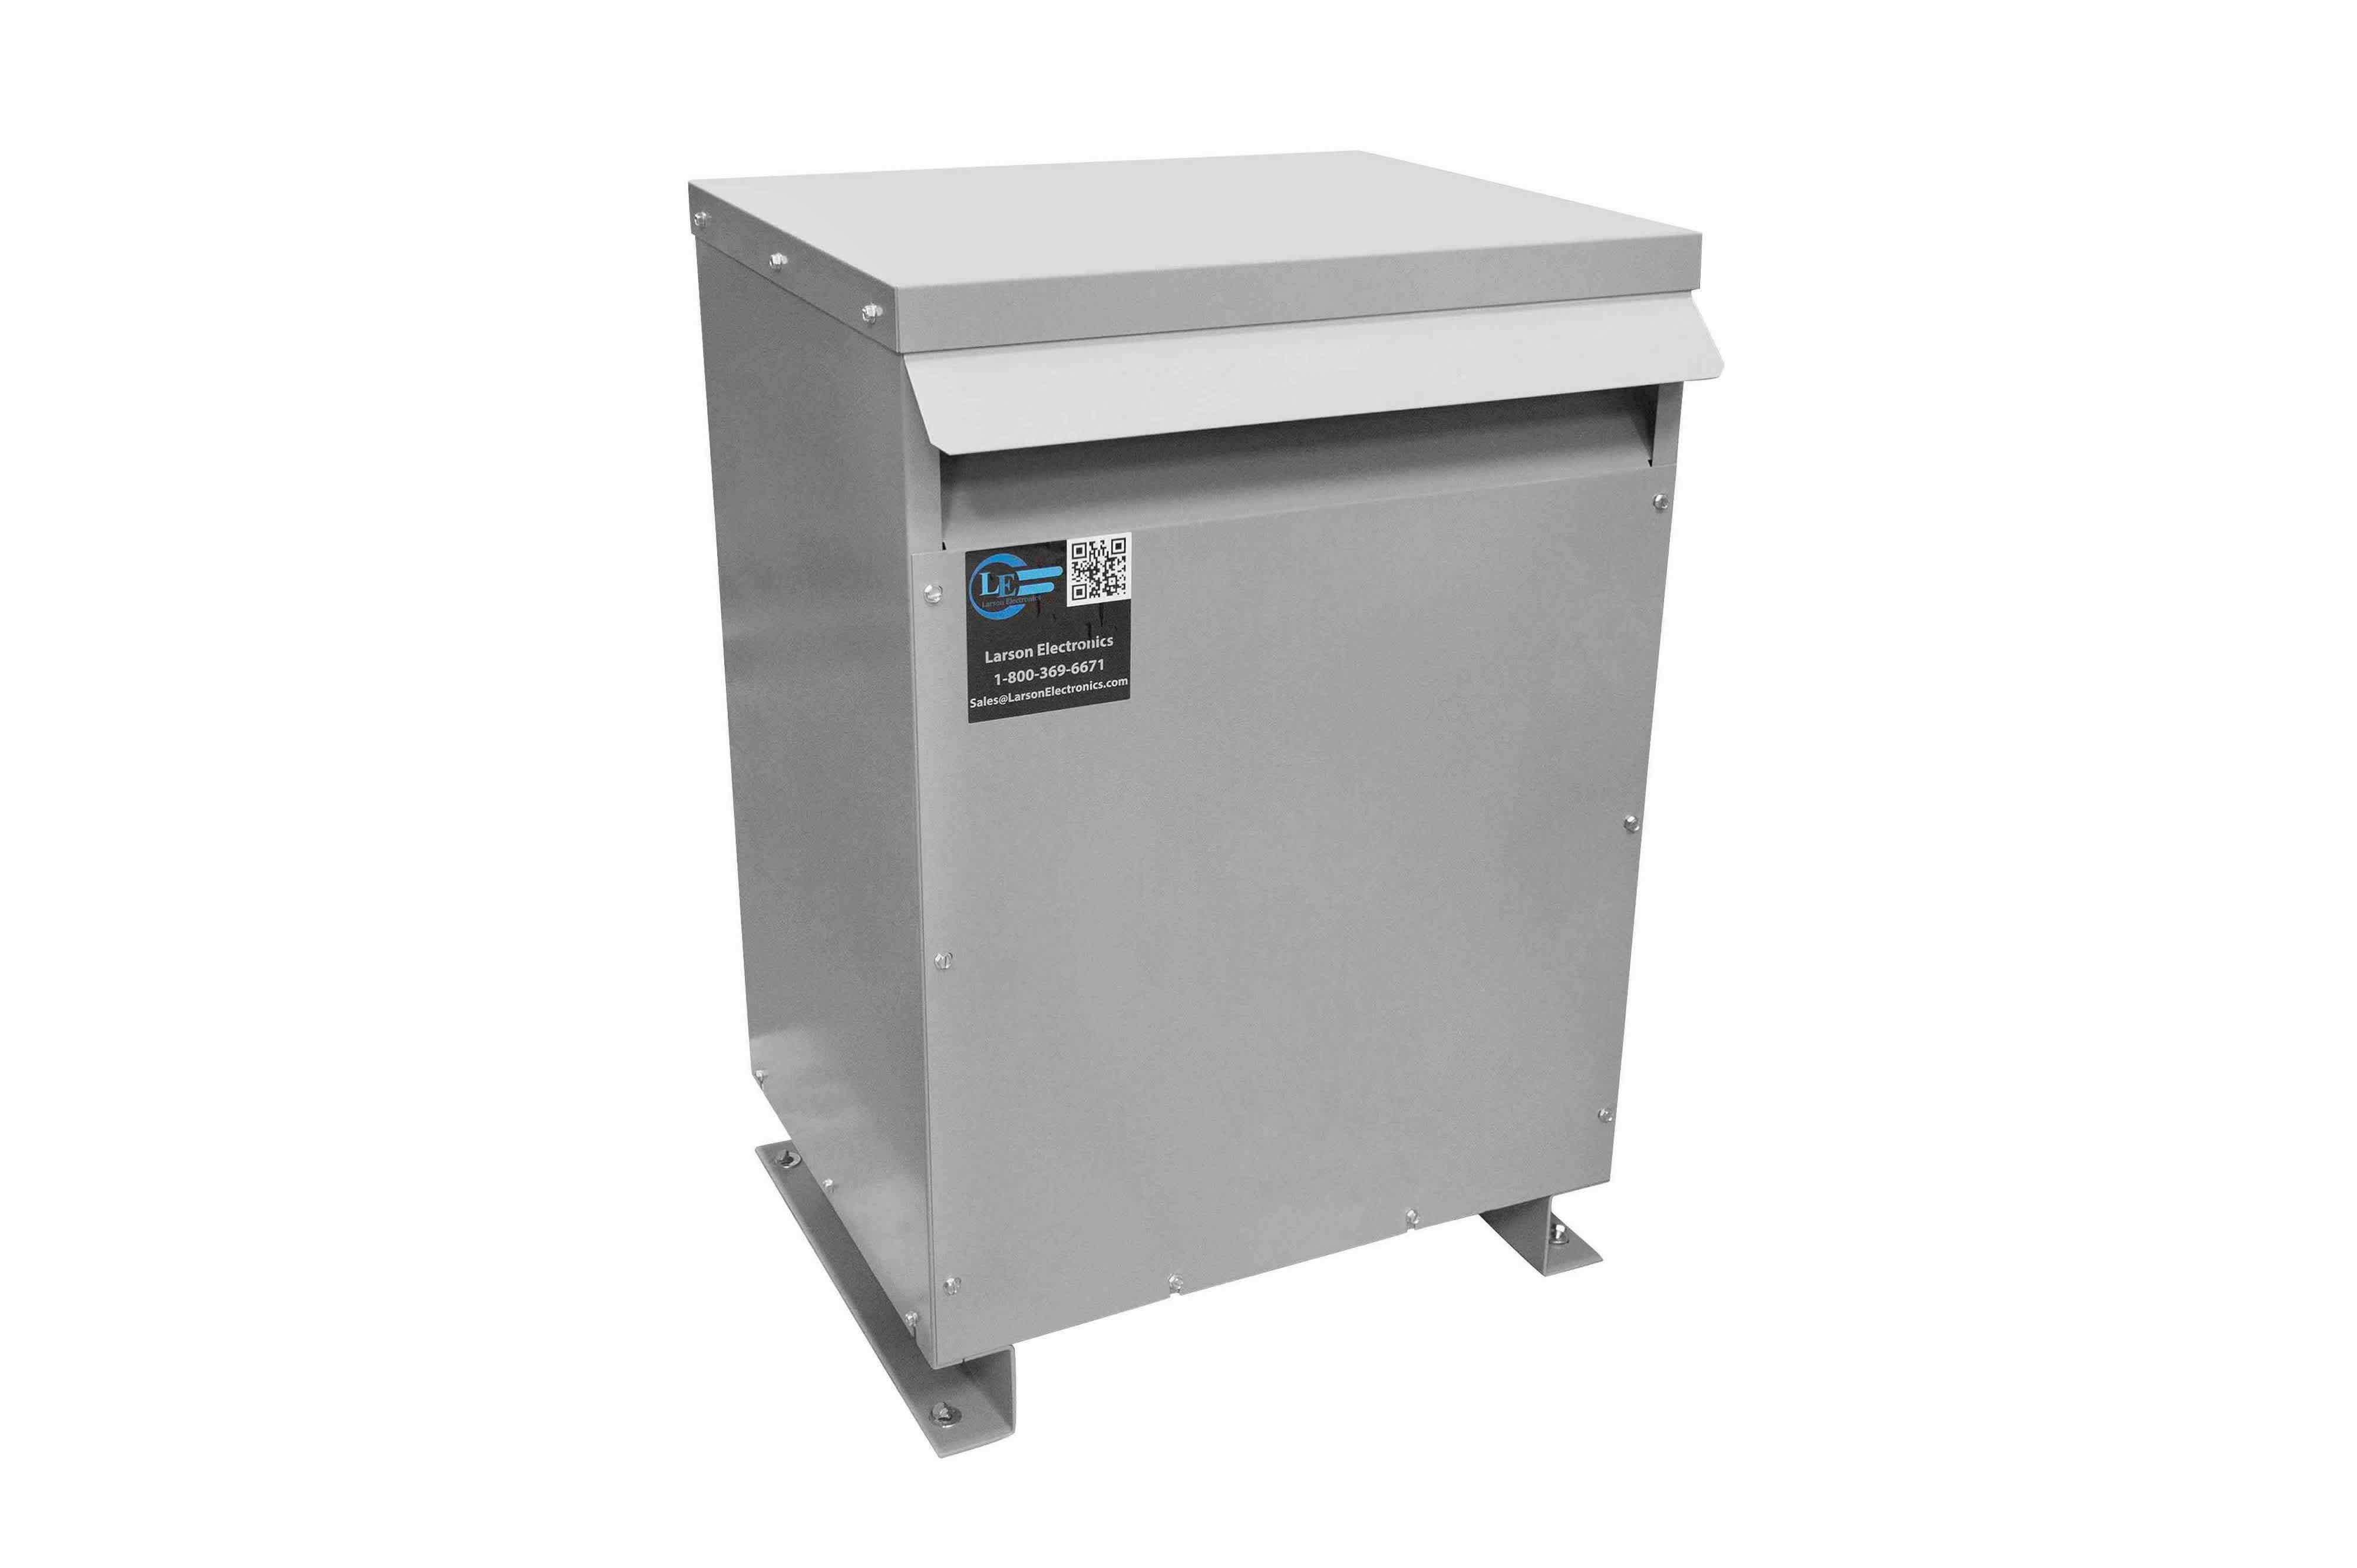 35 kVA 3PH Isolation Transformer, 240V Delta Primary, 480V Delta Secondary, N3R, Ventilated, 60 Hz